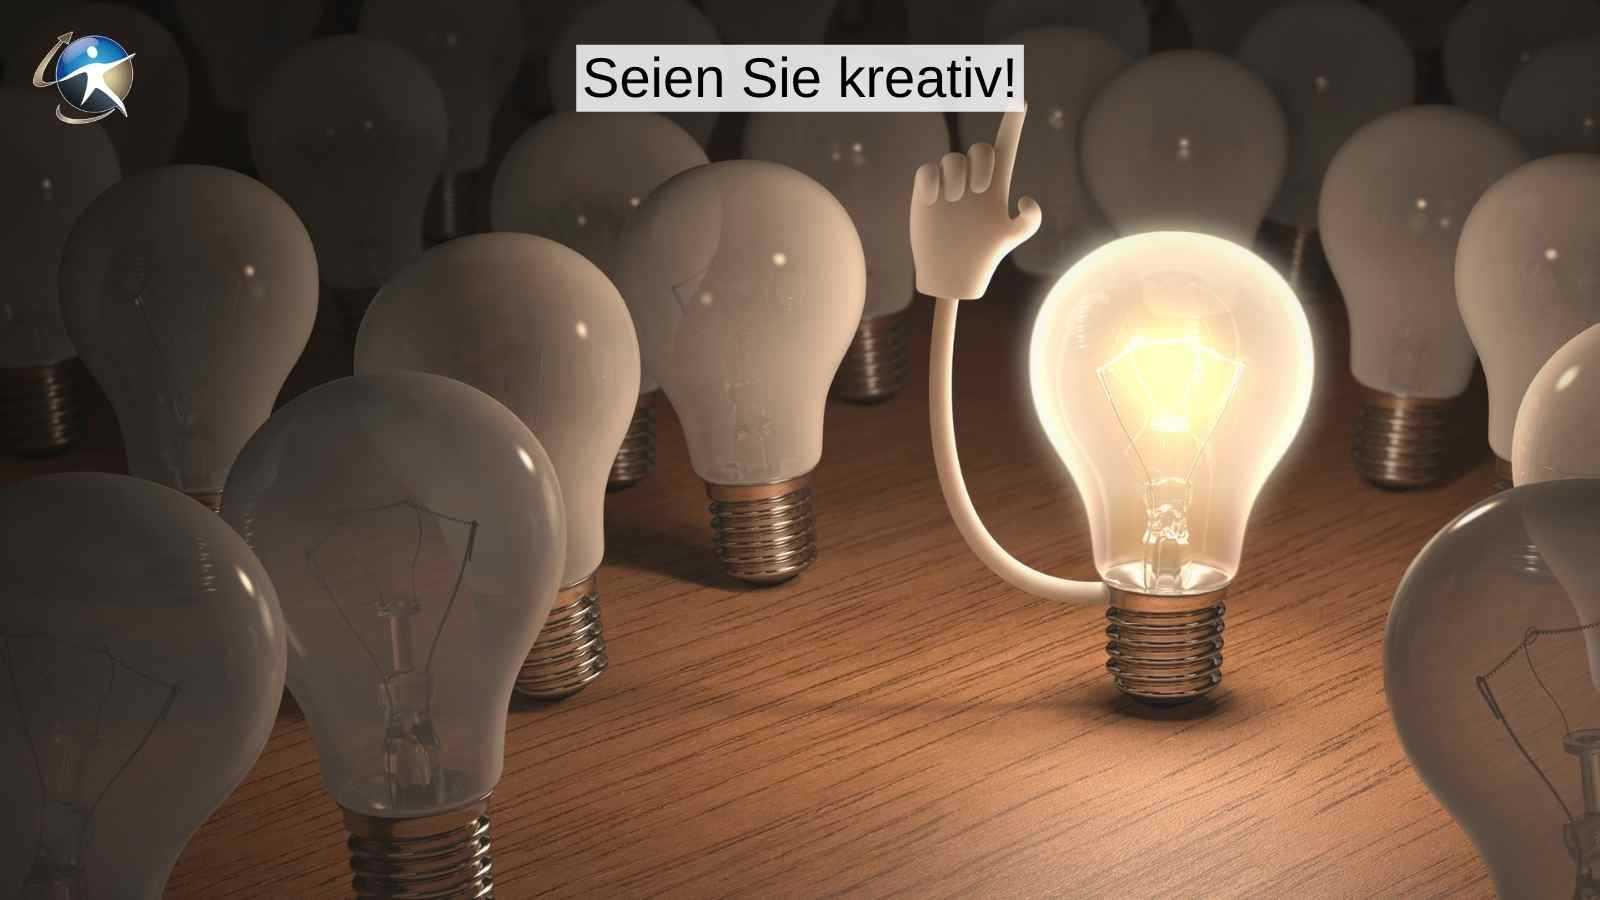 Sprechen Sie den Soli-Wegfall kreativ in der Online-Beratung an